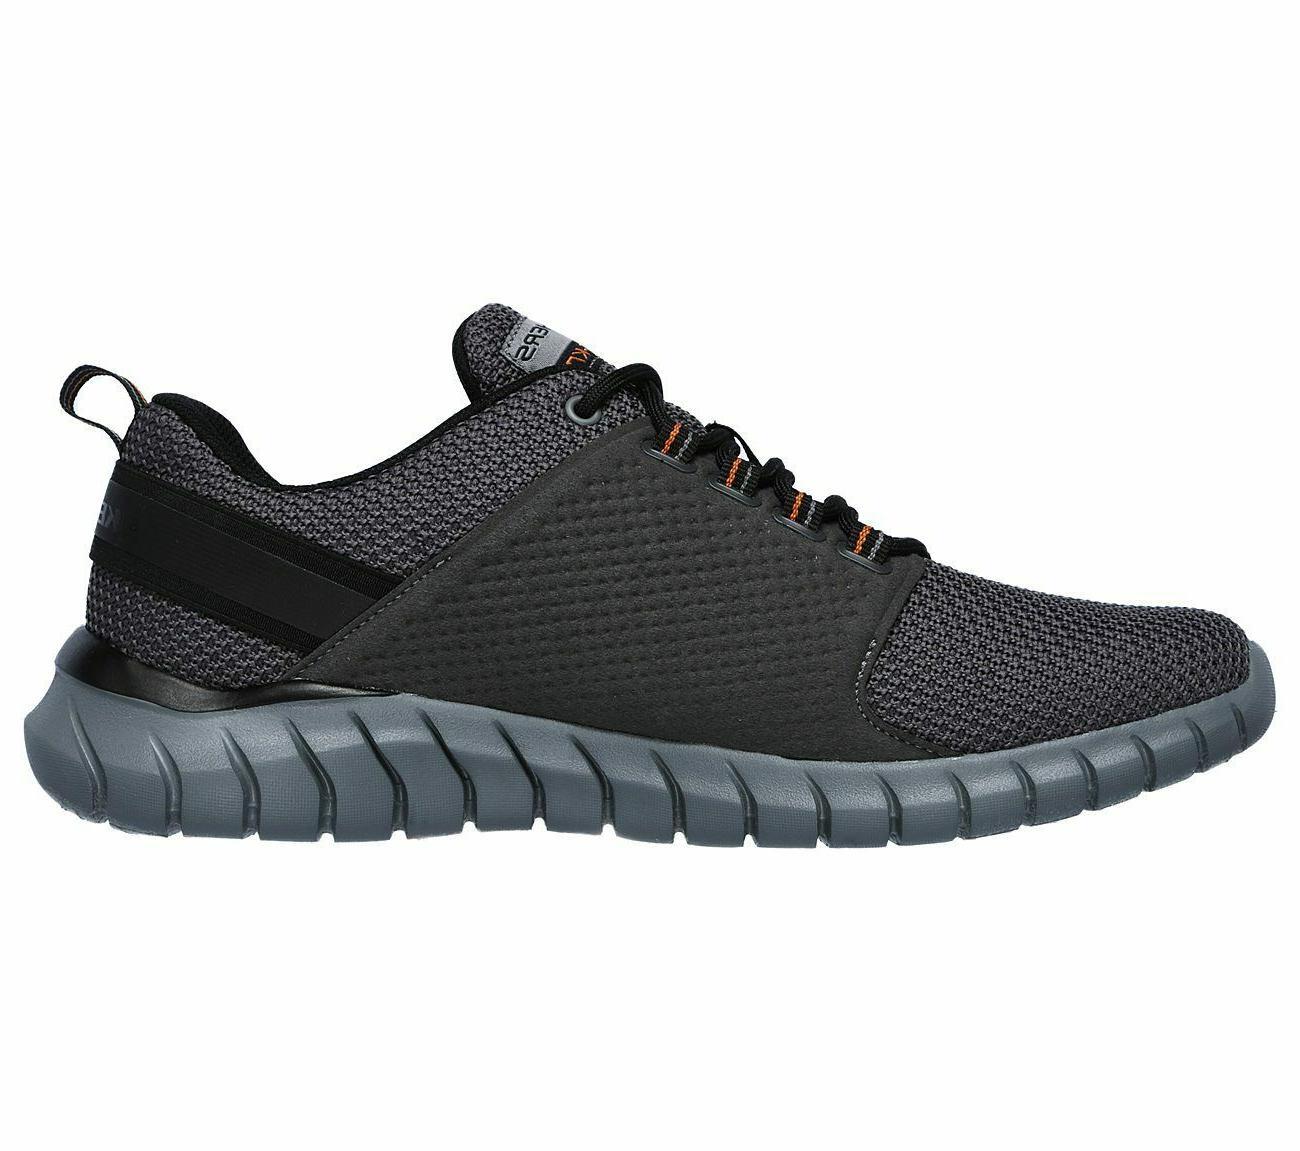 52821 Wide Skechers Foam Sport Comfort Mesh